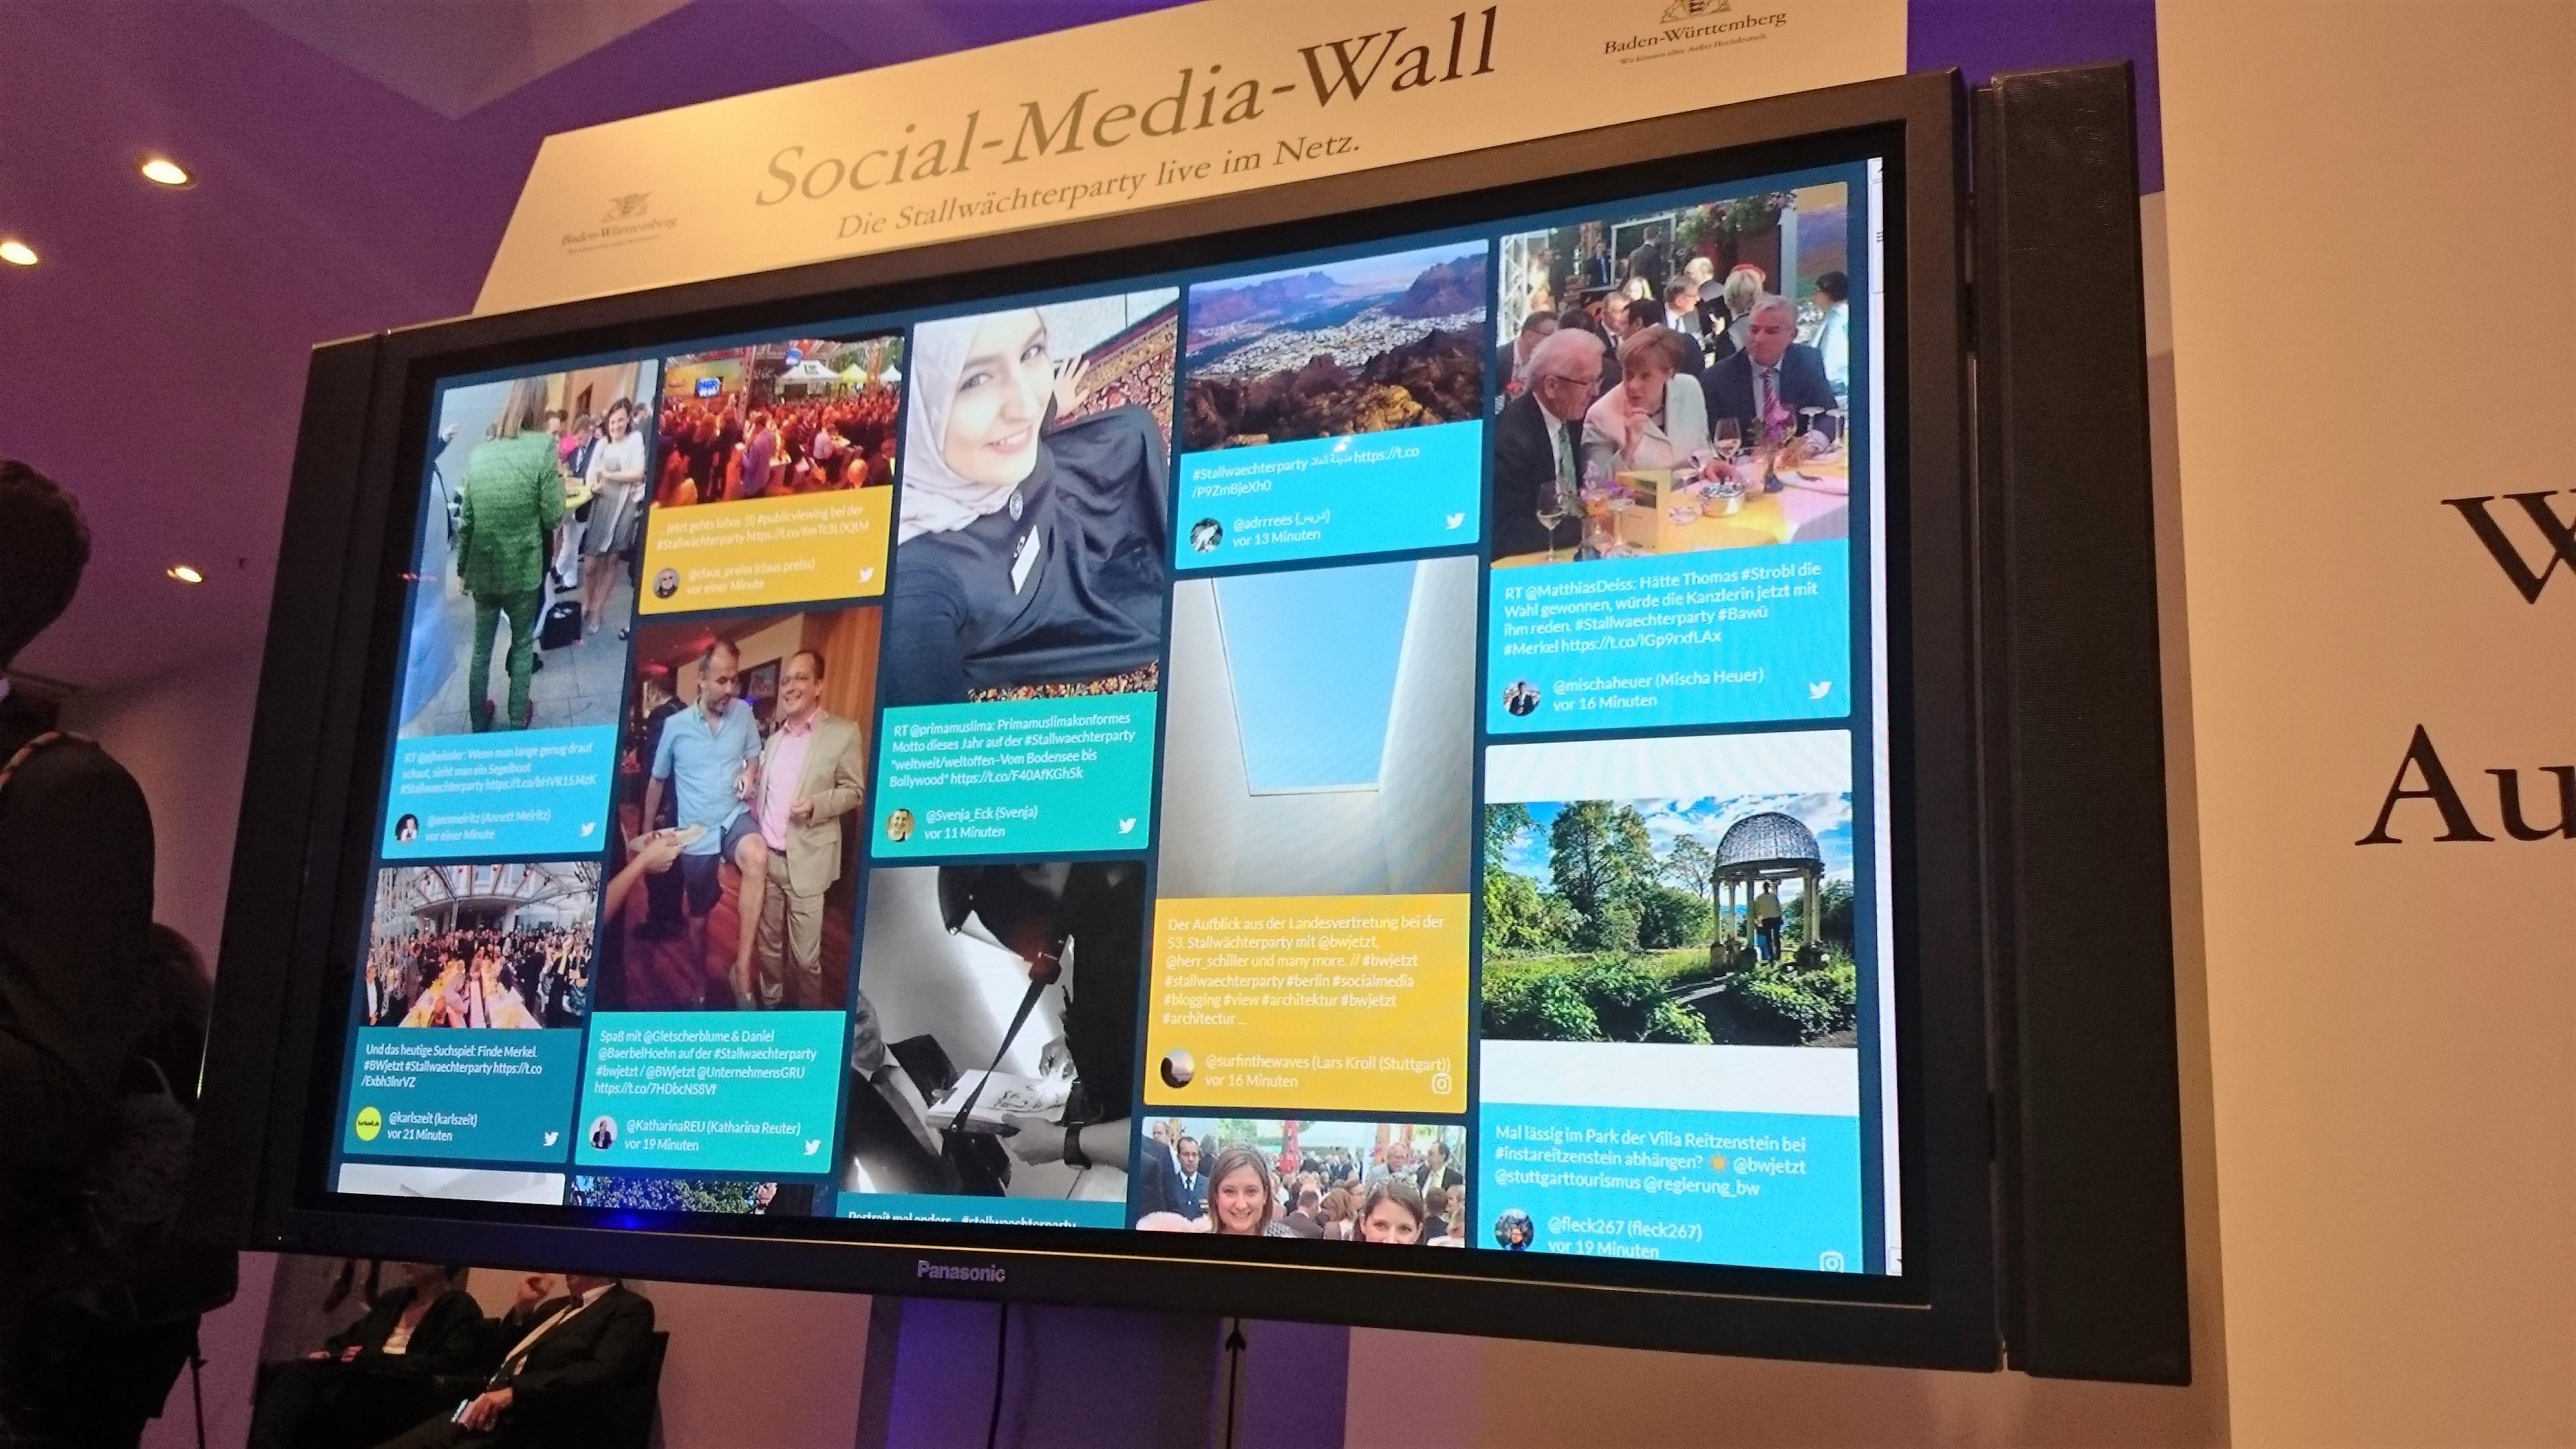 Auf der Veranstaltung waren mehrere Social Media Walls aufgestellt, die unsere Tweets und Postings mit den Aktionshashtags zeigten.